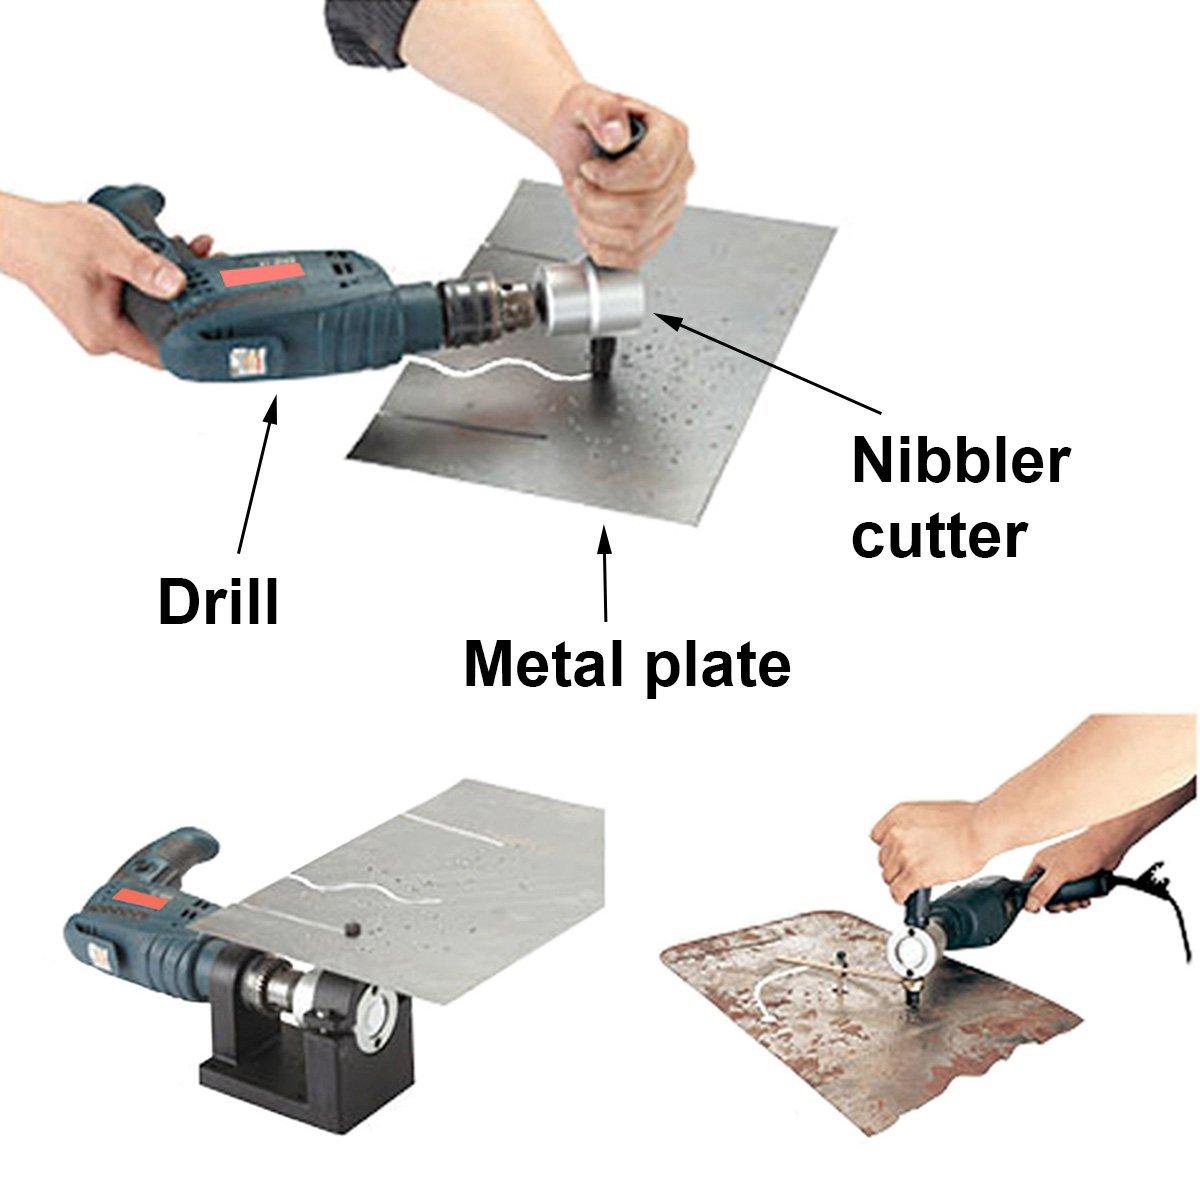 Double Head Sheet Metal Nibbler Saw Cutter Cutting Tool